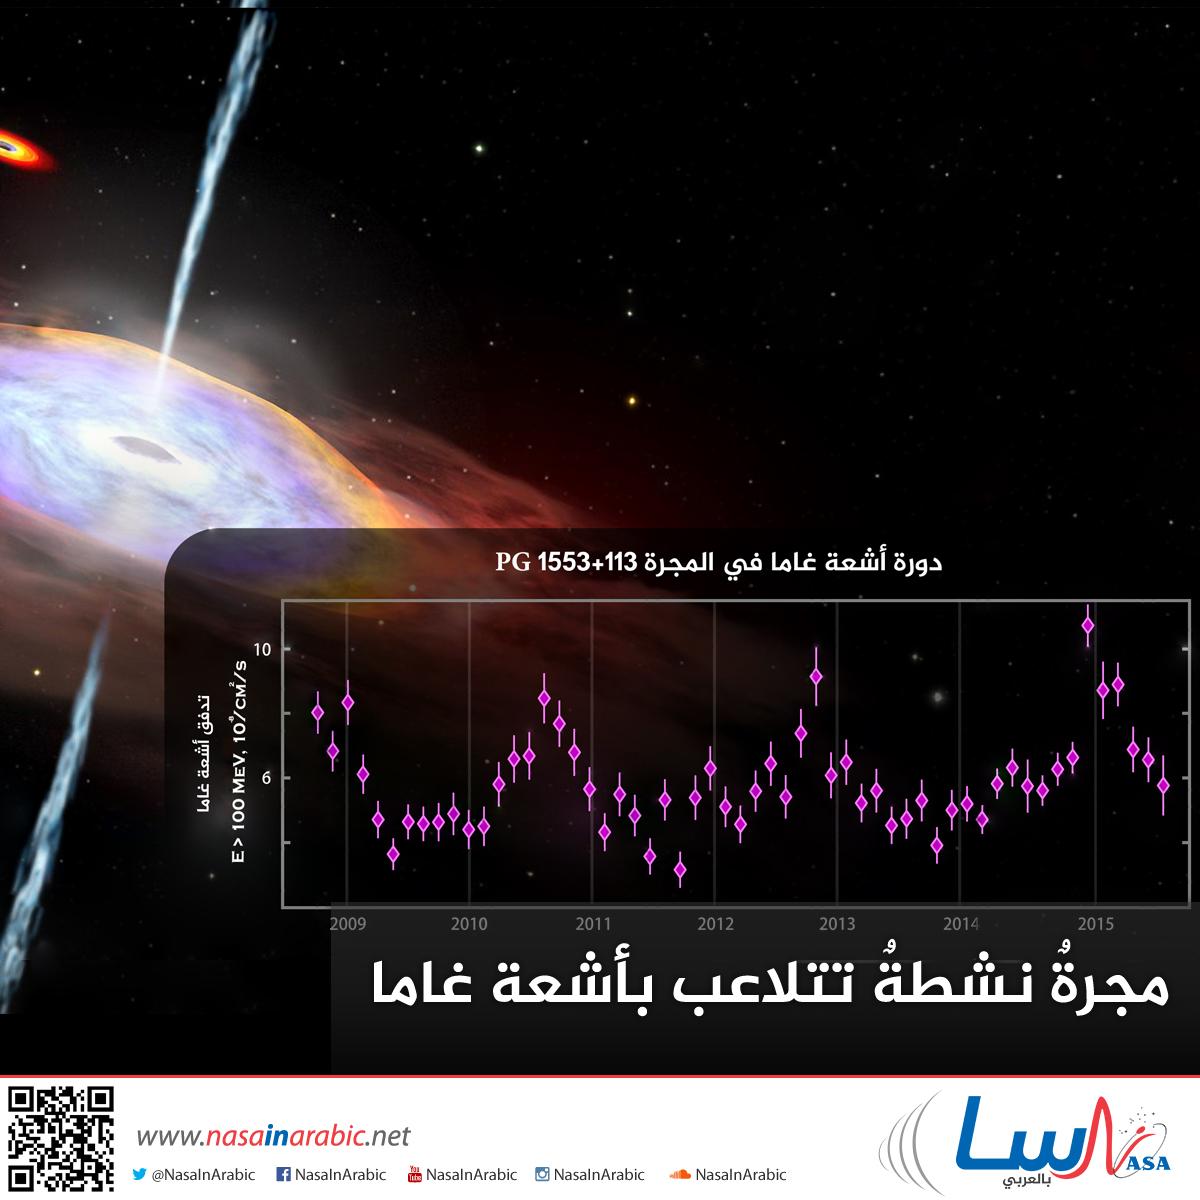 مجرةٌ نشطةٌ تتلاعب بأشعة غاما